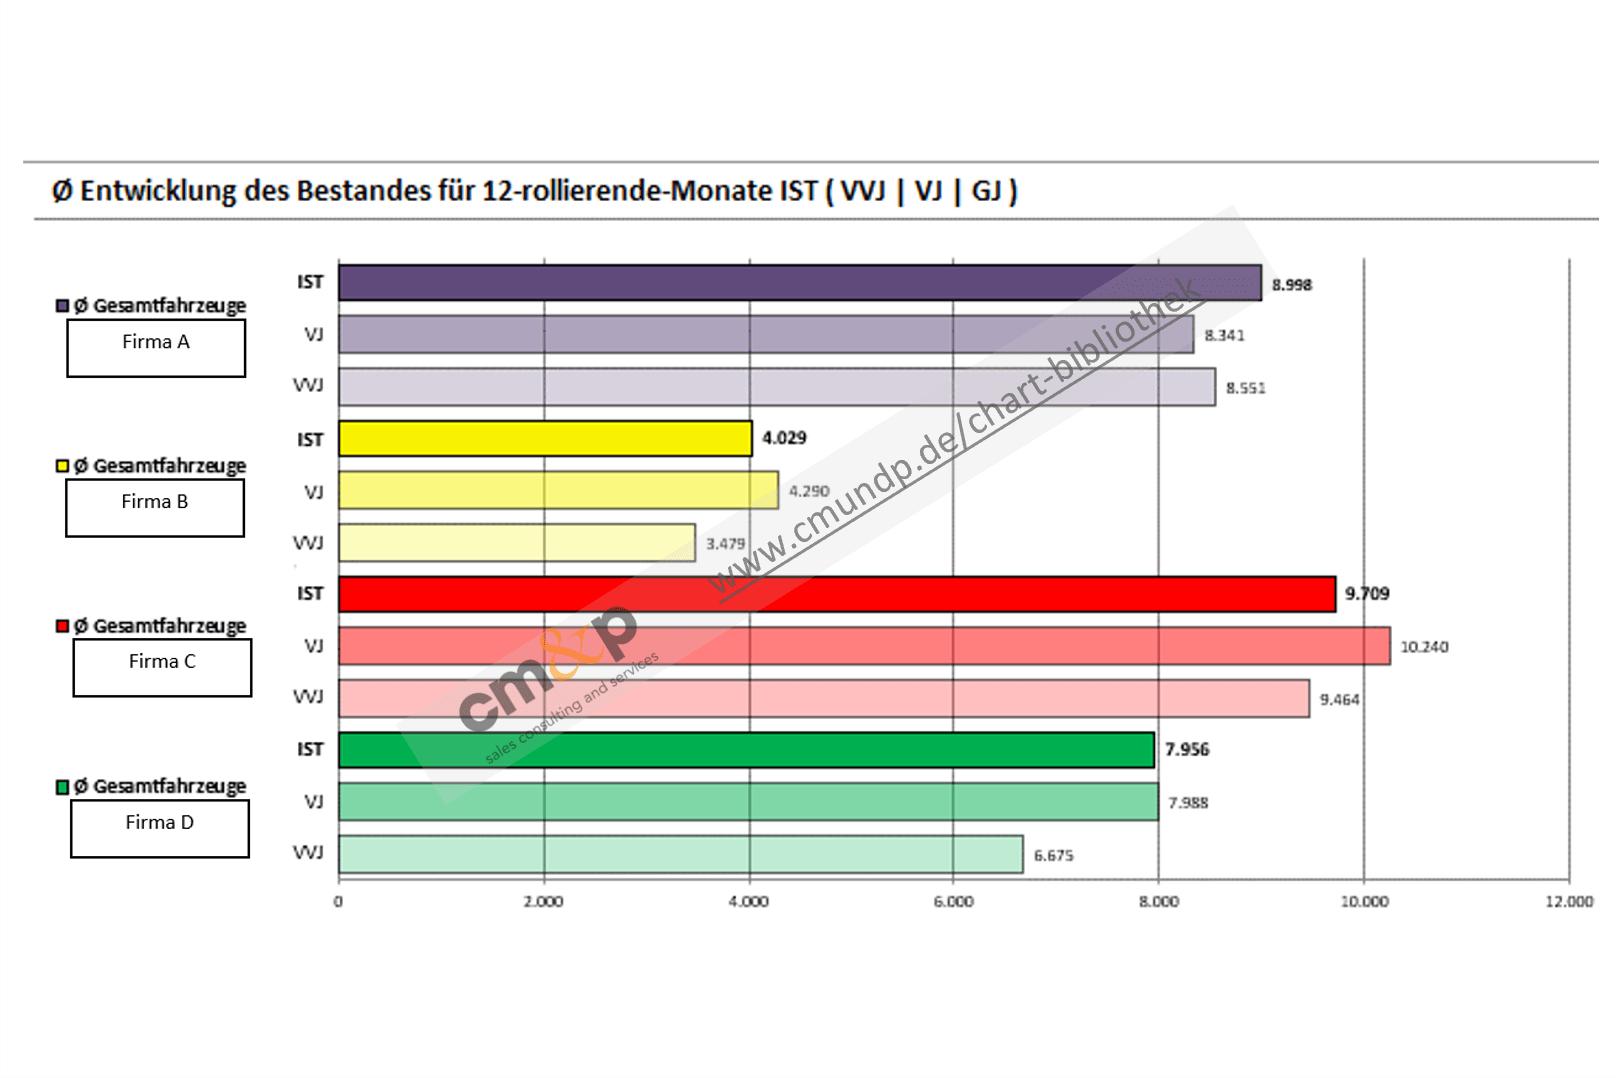 Darstellung des Ø-Bestandes aller Fahrzeuge als Balken im 3-Jahres- und Unternehmensvergleich über 12 Monate rollierend mit Wertangabe